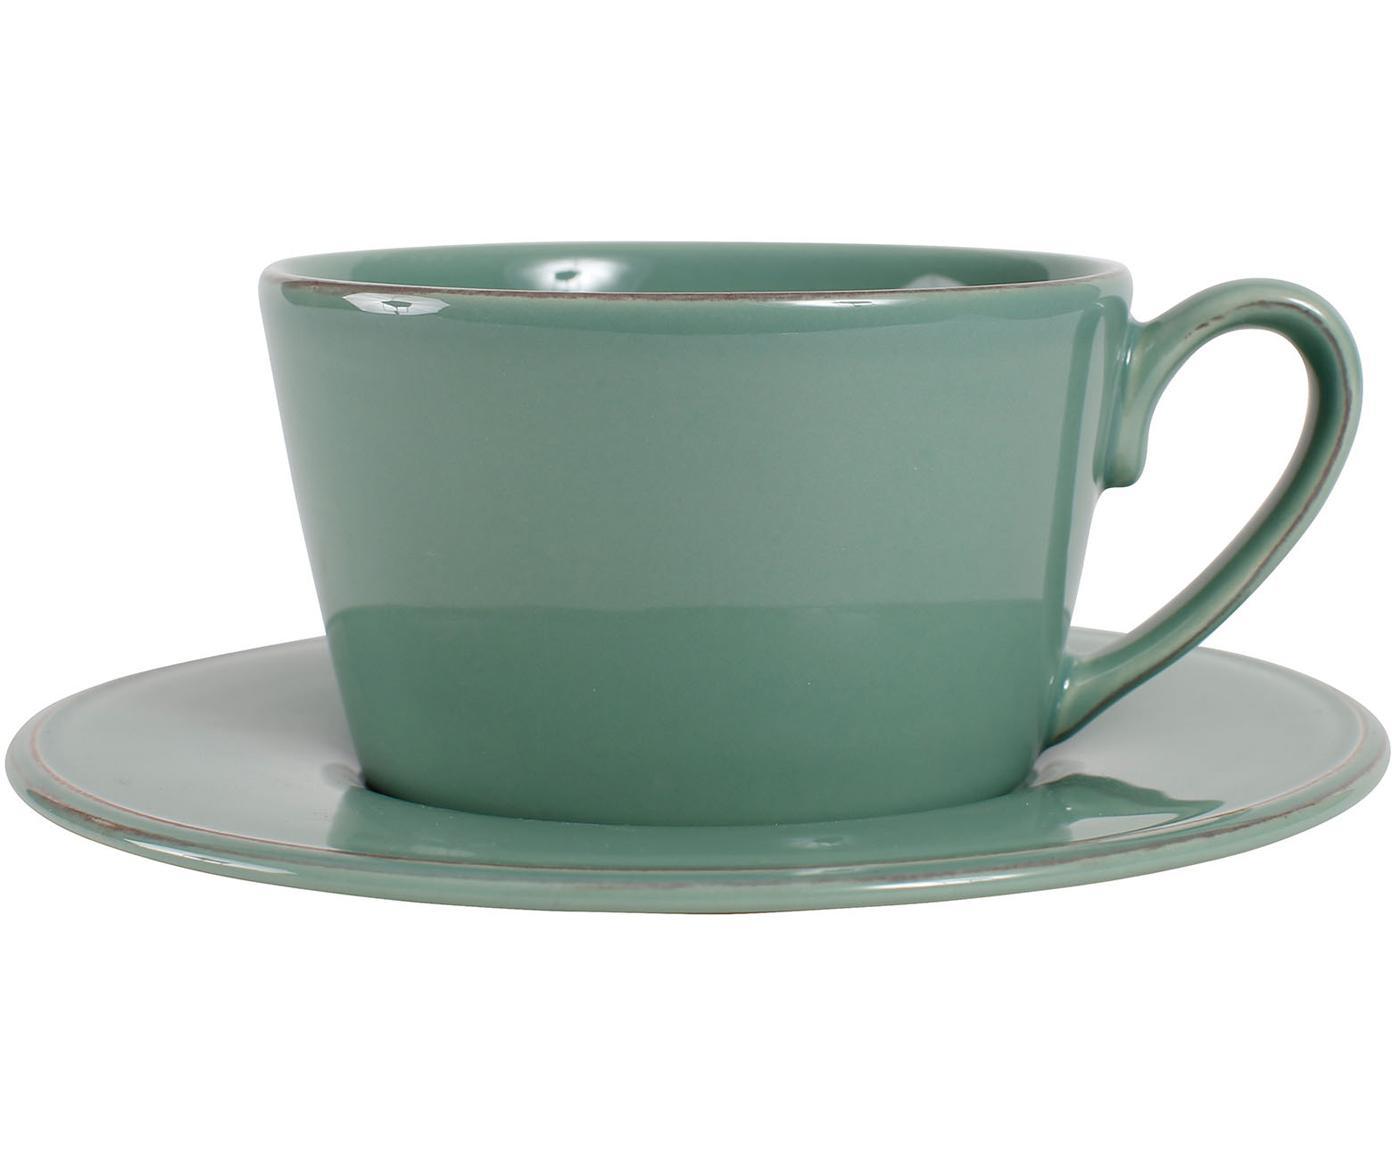 Taza de té con platito Constance, Gres, Verde, Ø 19 x Al 8 cm